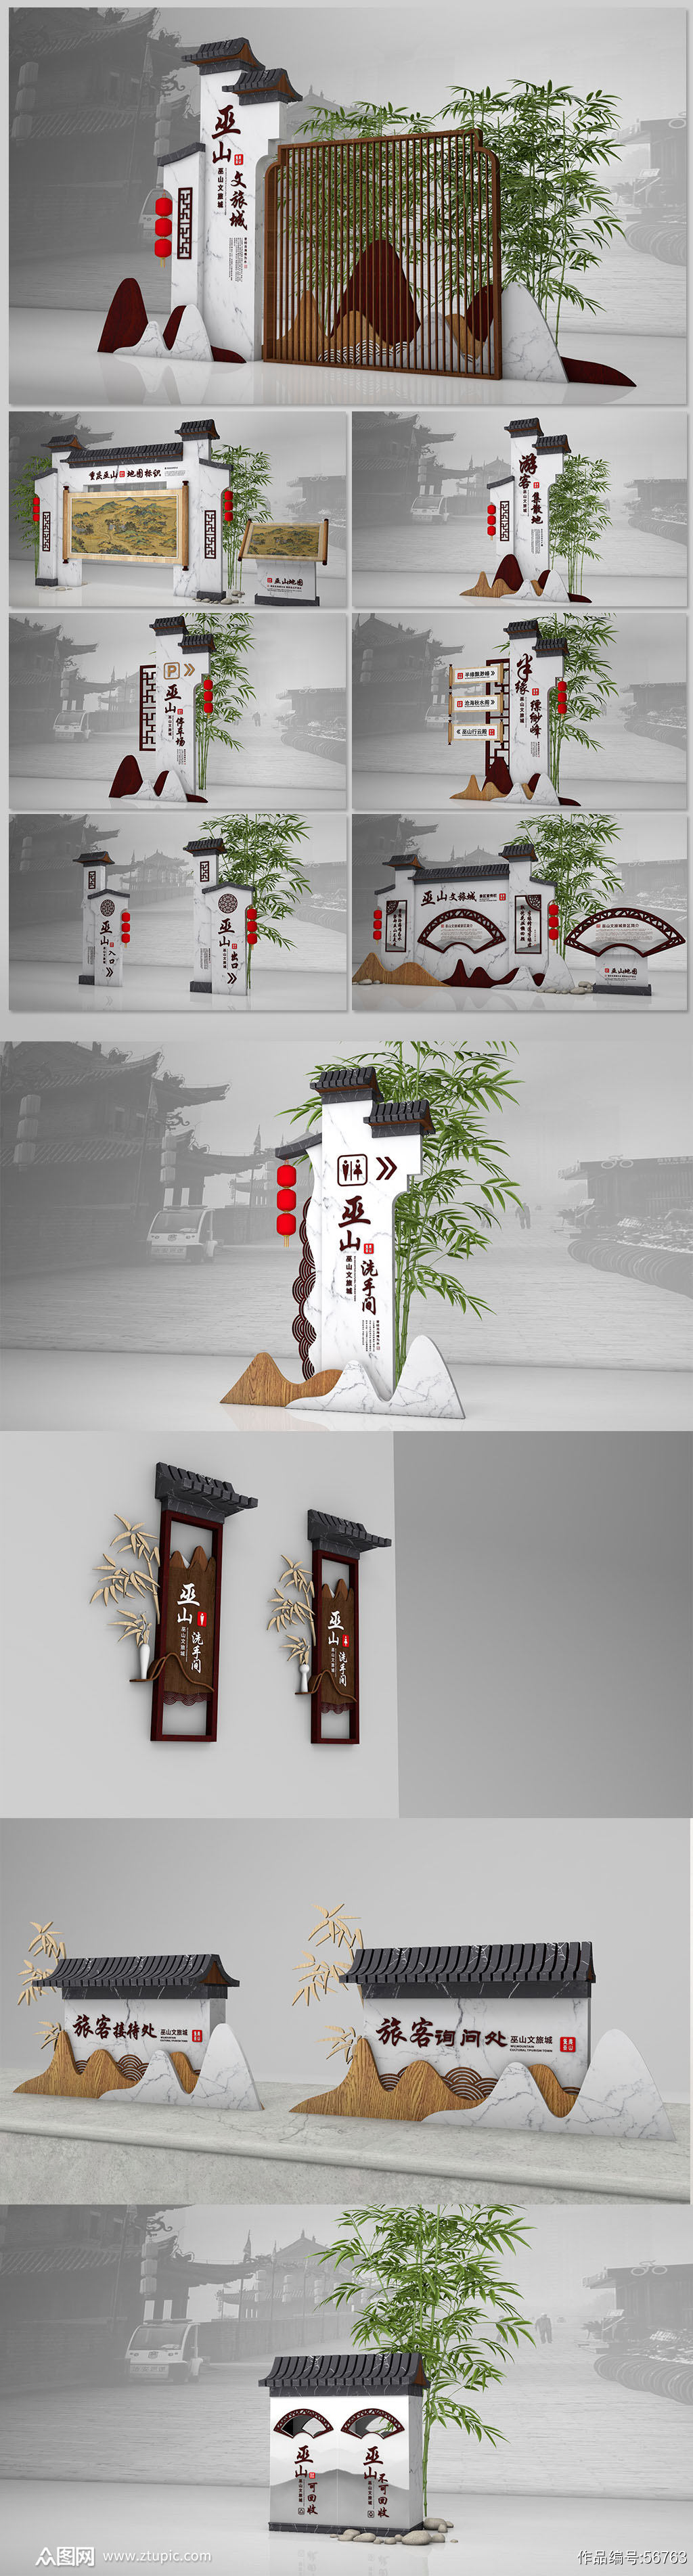 中国风抽象山水景区徽派度假村古镇公园景区导视 精神堡垒素材